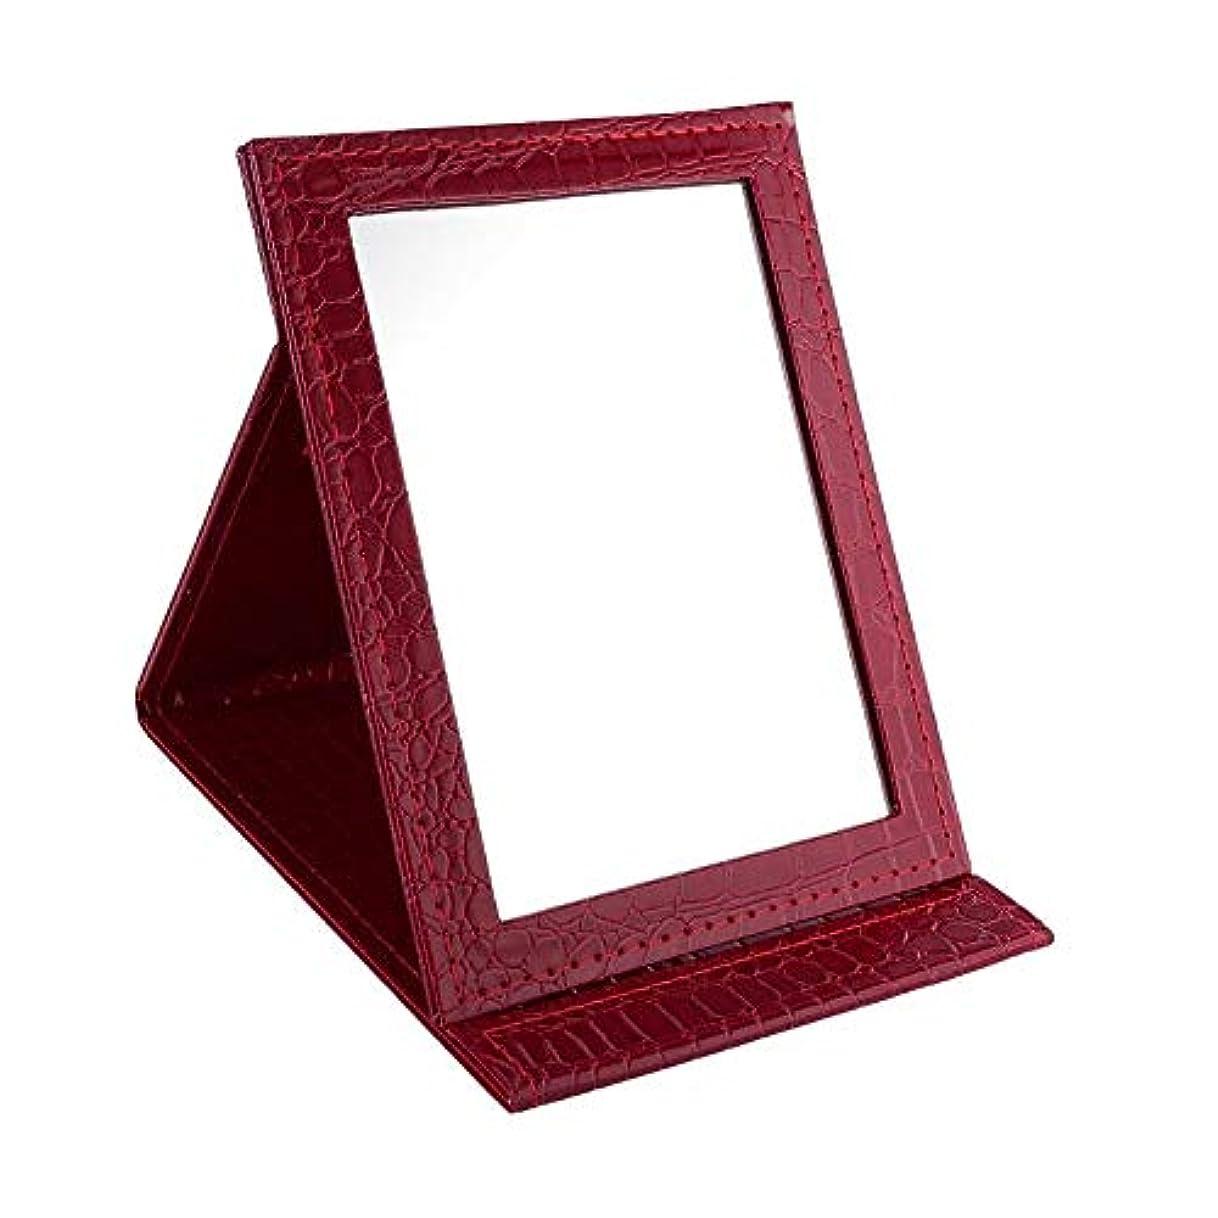 変更交じるワンダーYummyBuy 化粧ミラー 折りたたみ ミラー 鏡 卓上 化粧 化粧鏡 角度調整自由自在 上質PUレザー使用(クロコダイル?パターン、2サイズ) (大きなサイズ, レッド)